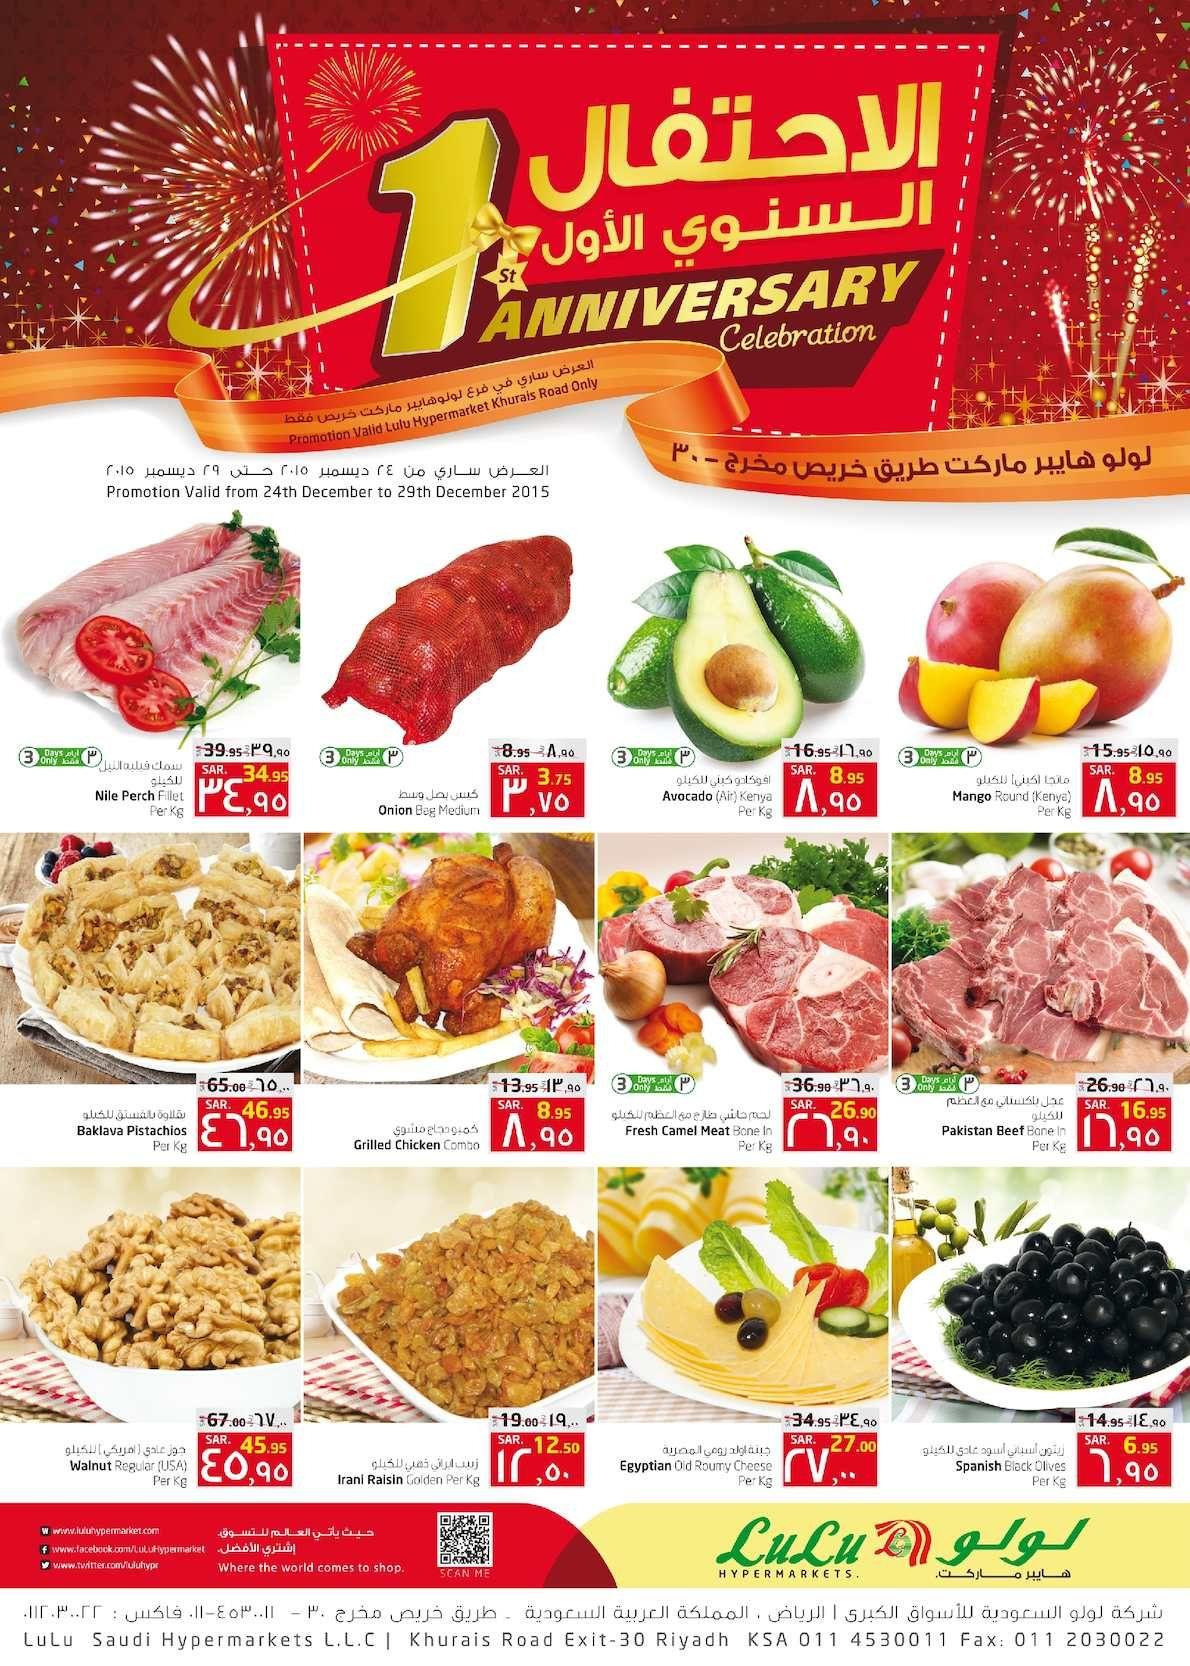 لولو هايبر السعودية طريق خريص عروض 24 حتى 29 ديسمبر 2015 الإحتفال السنوى Food Anniversary Celebration Avocado